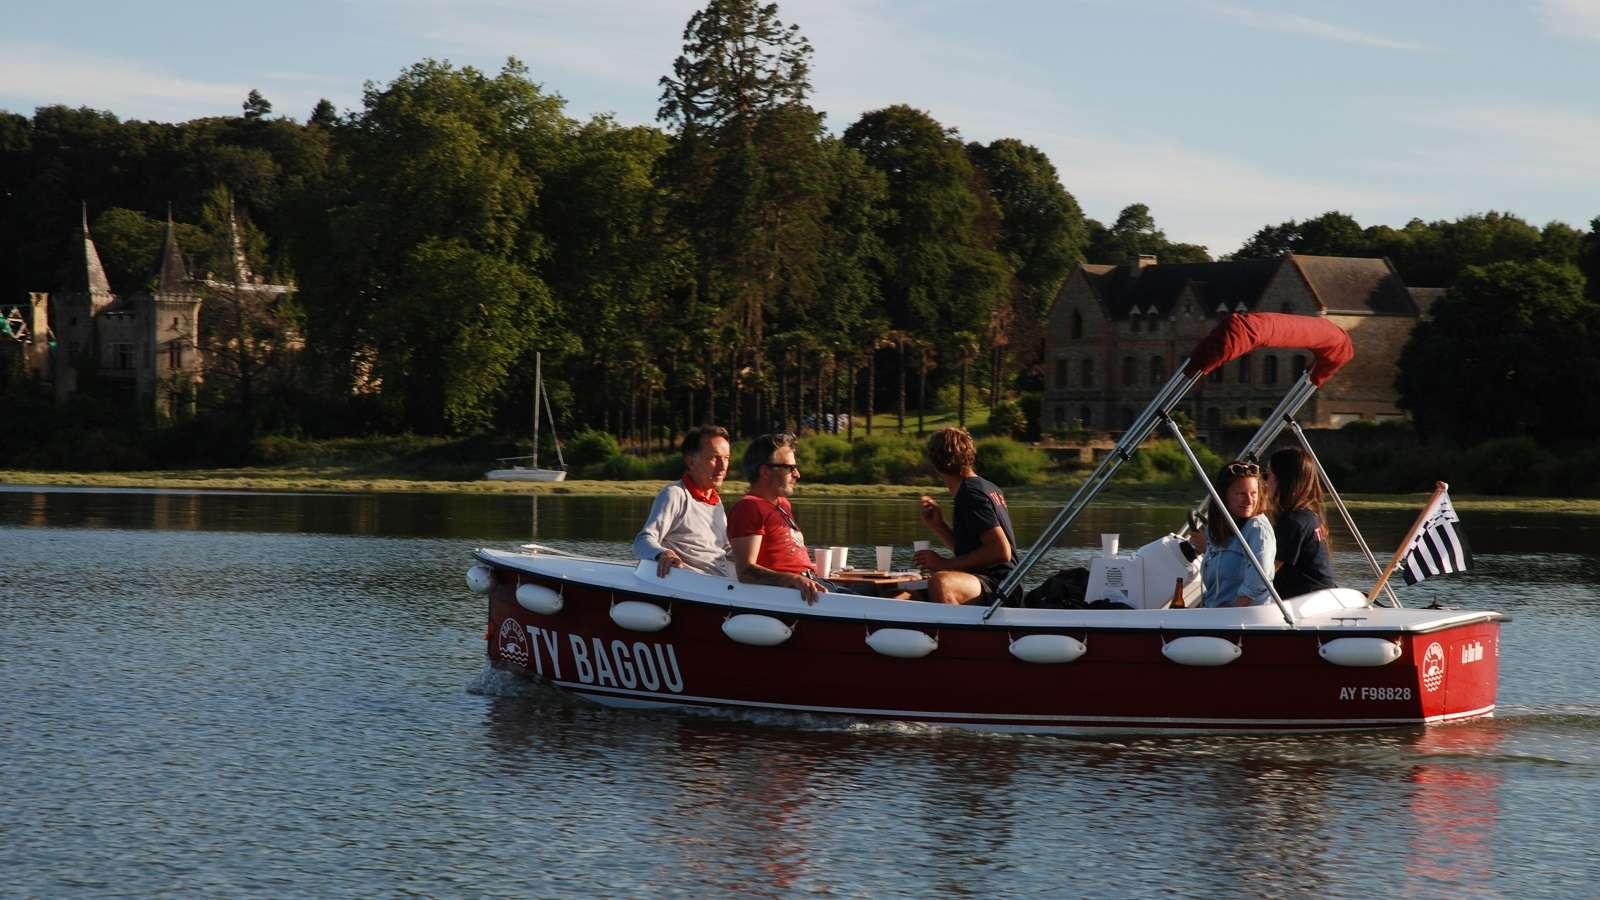 Ty Bagou - Location de bateaux électriques sans permis